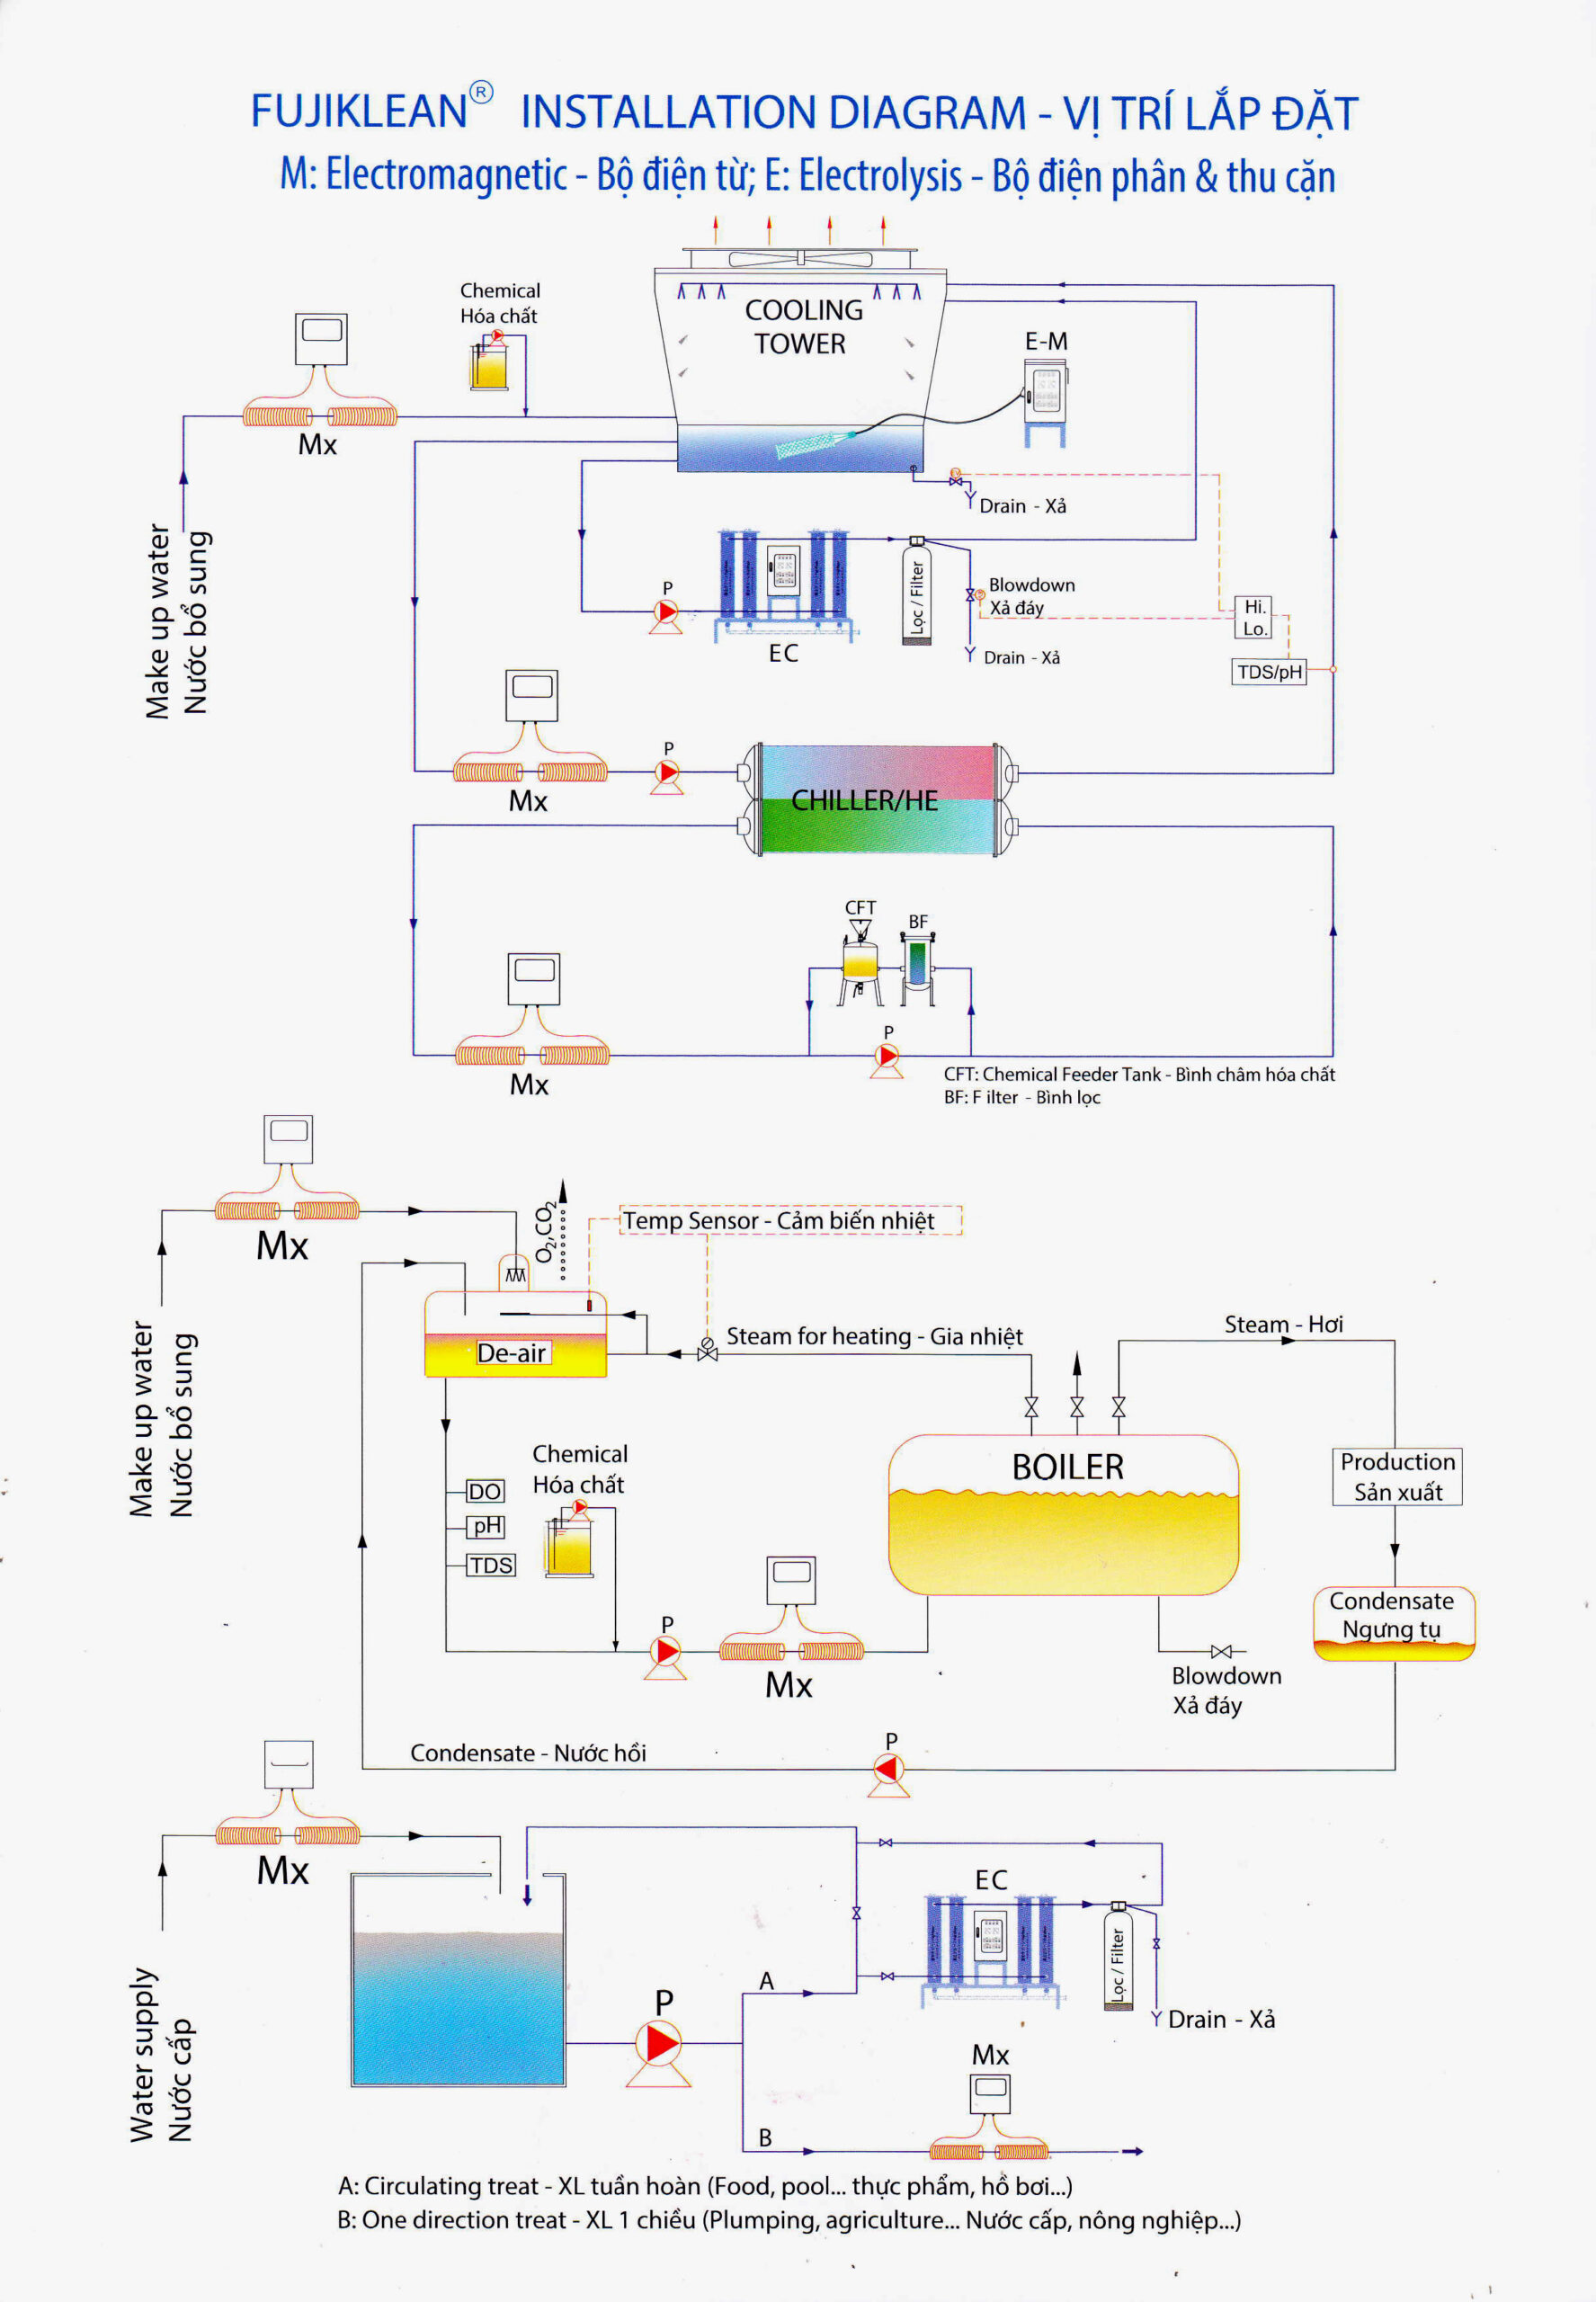 Sơ đồ lắp đặt thiết bị điện phân thu cặn bám FUJI KLEAN - Eseri